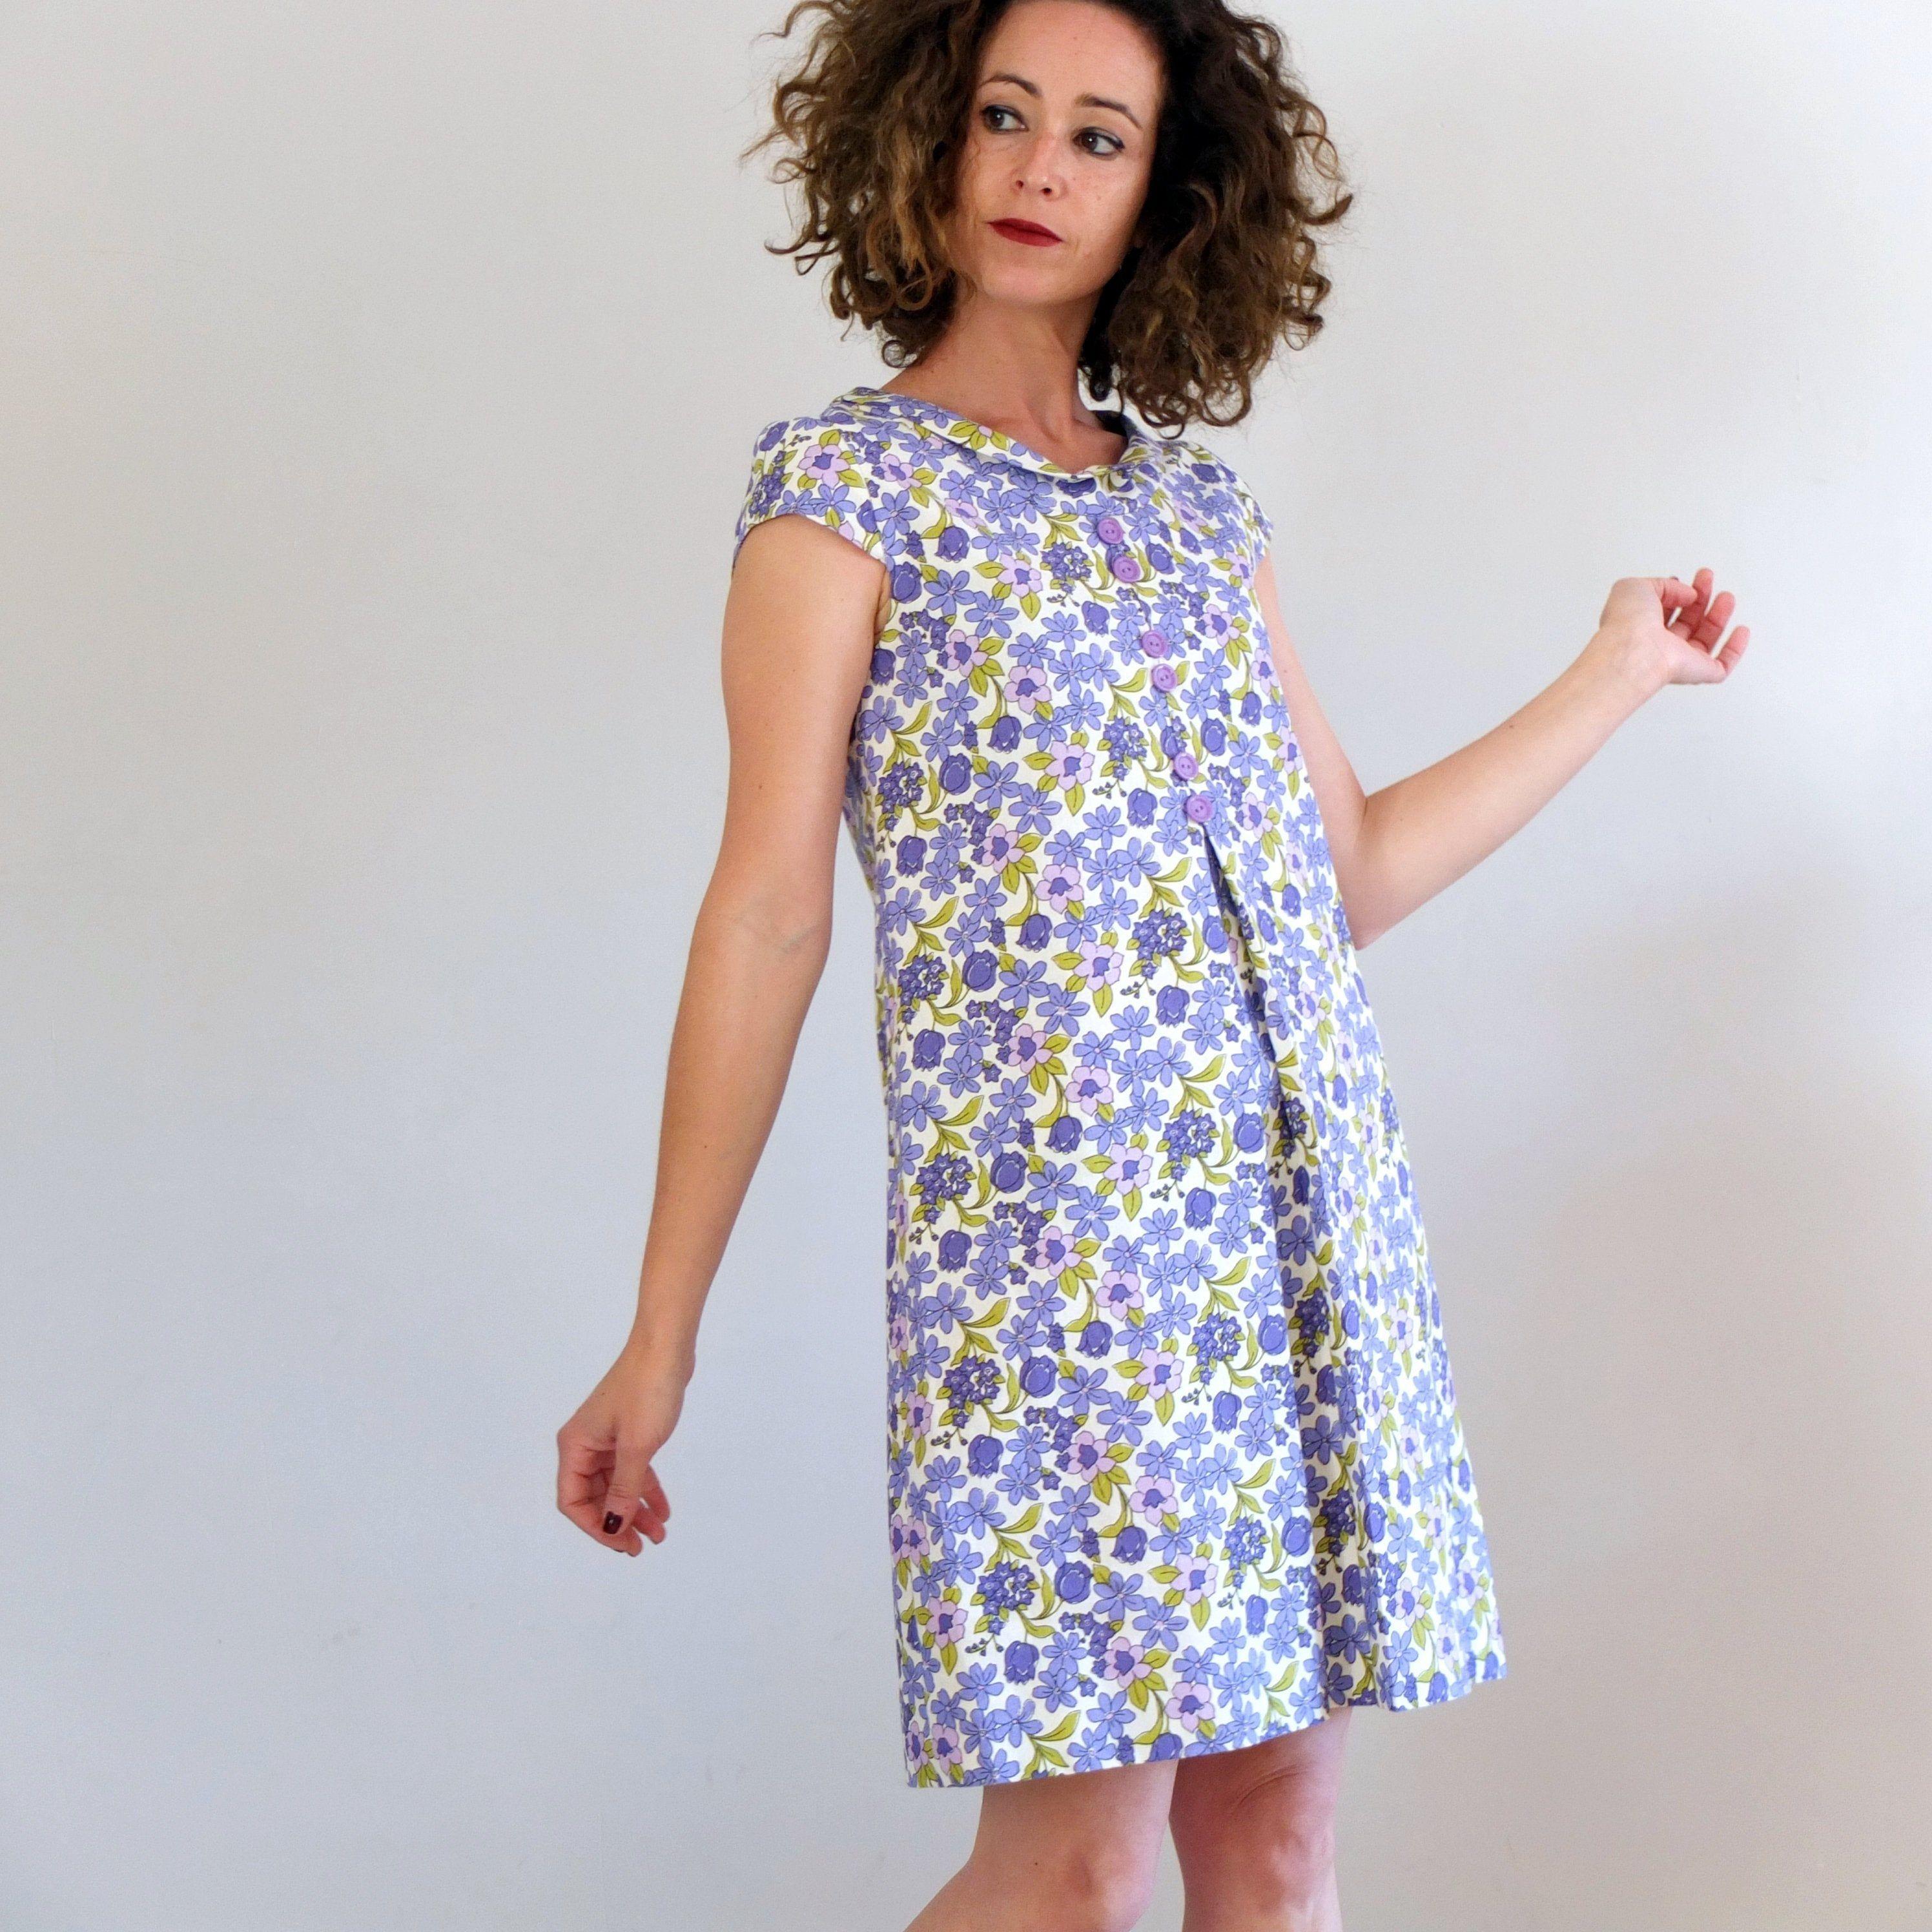 Vintage 60s 70s Summer Mod Dress Xs S Vintage Twiggy Dress Etsy Twiggy Dress Dresses Mod Dress